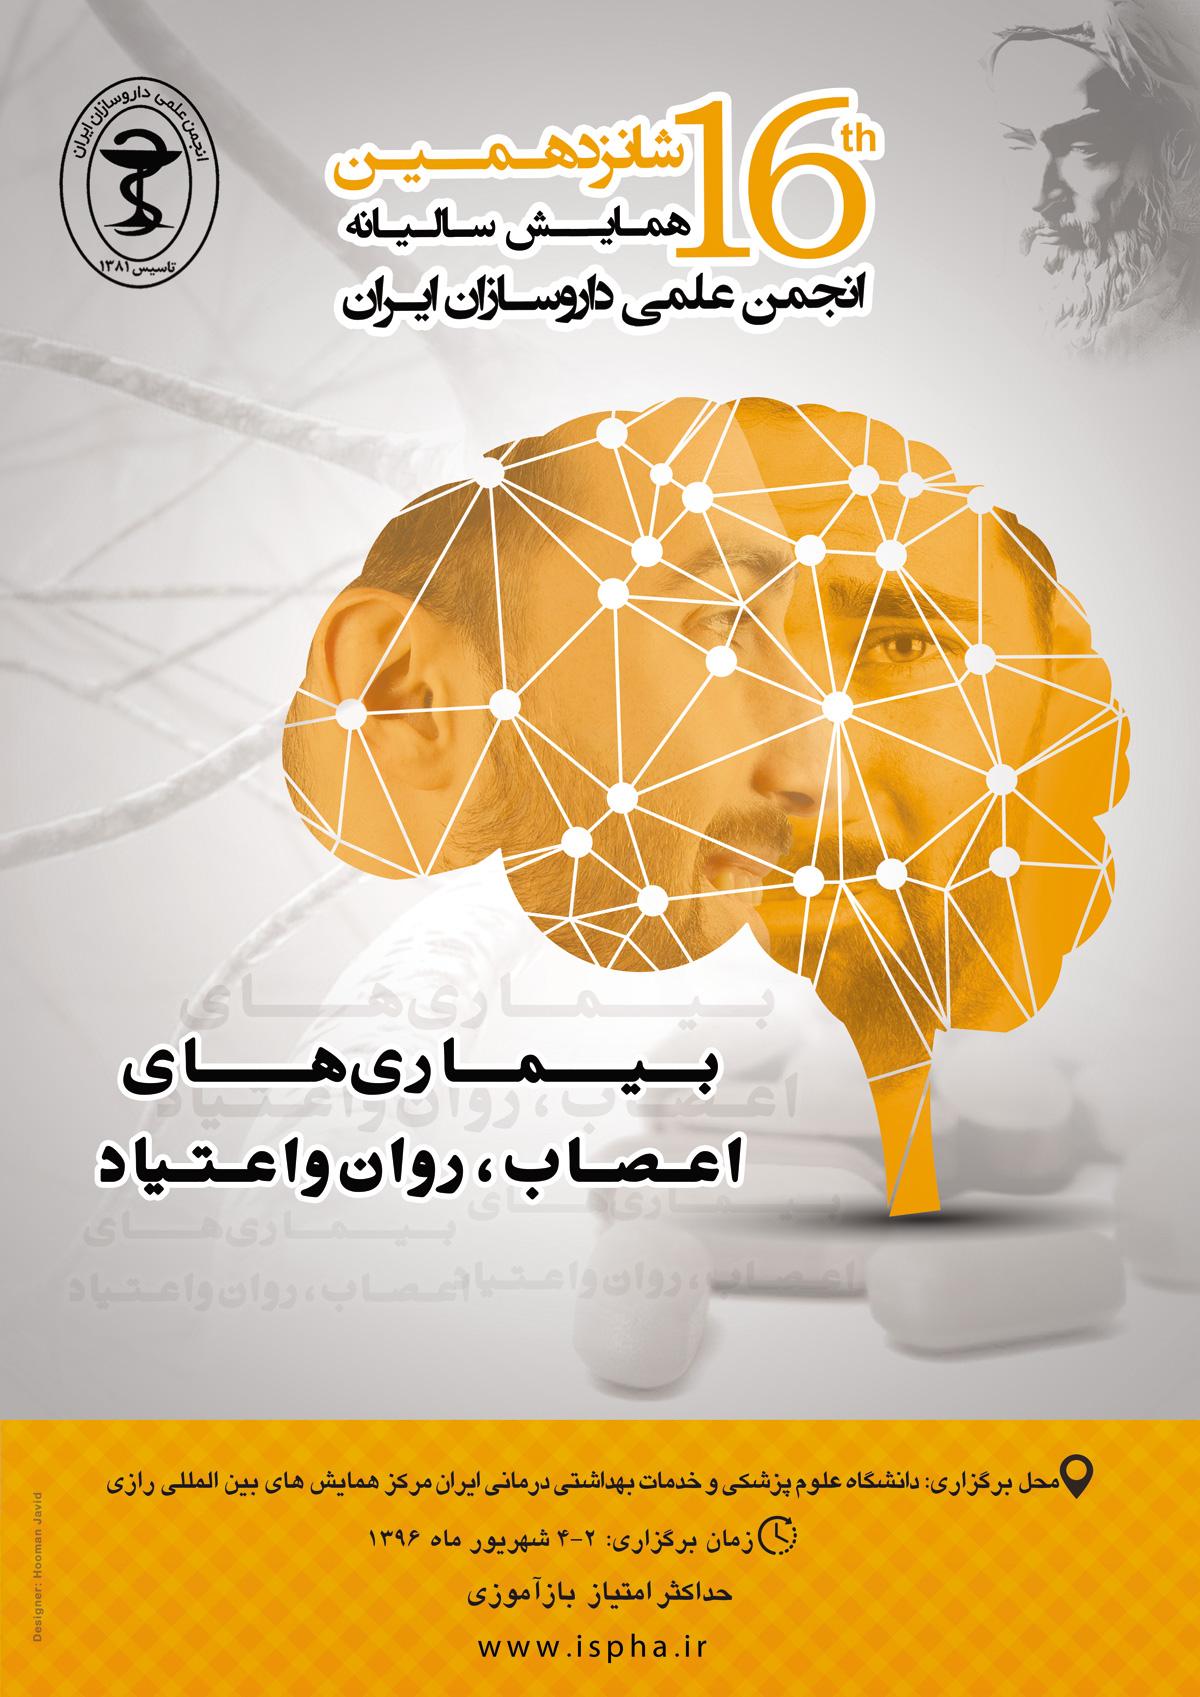 شانزدهمین همایش سالیانه انجمن علمی داروسازان ایران - بیماریهای اعصاب ، روان و اعتیاد